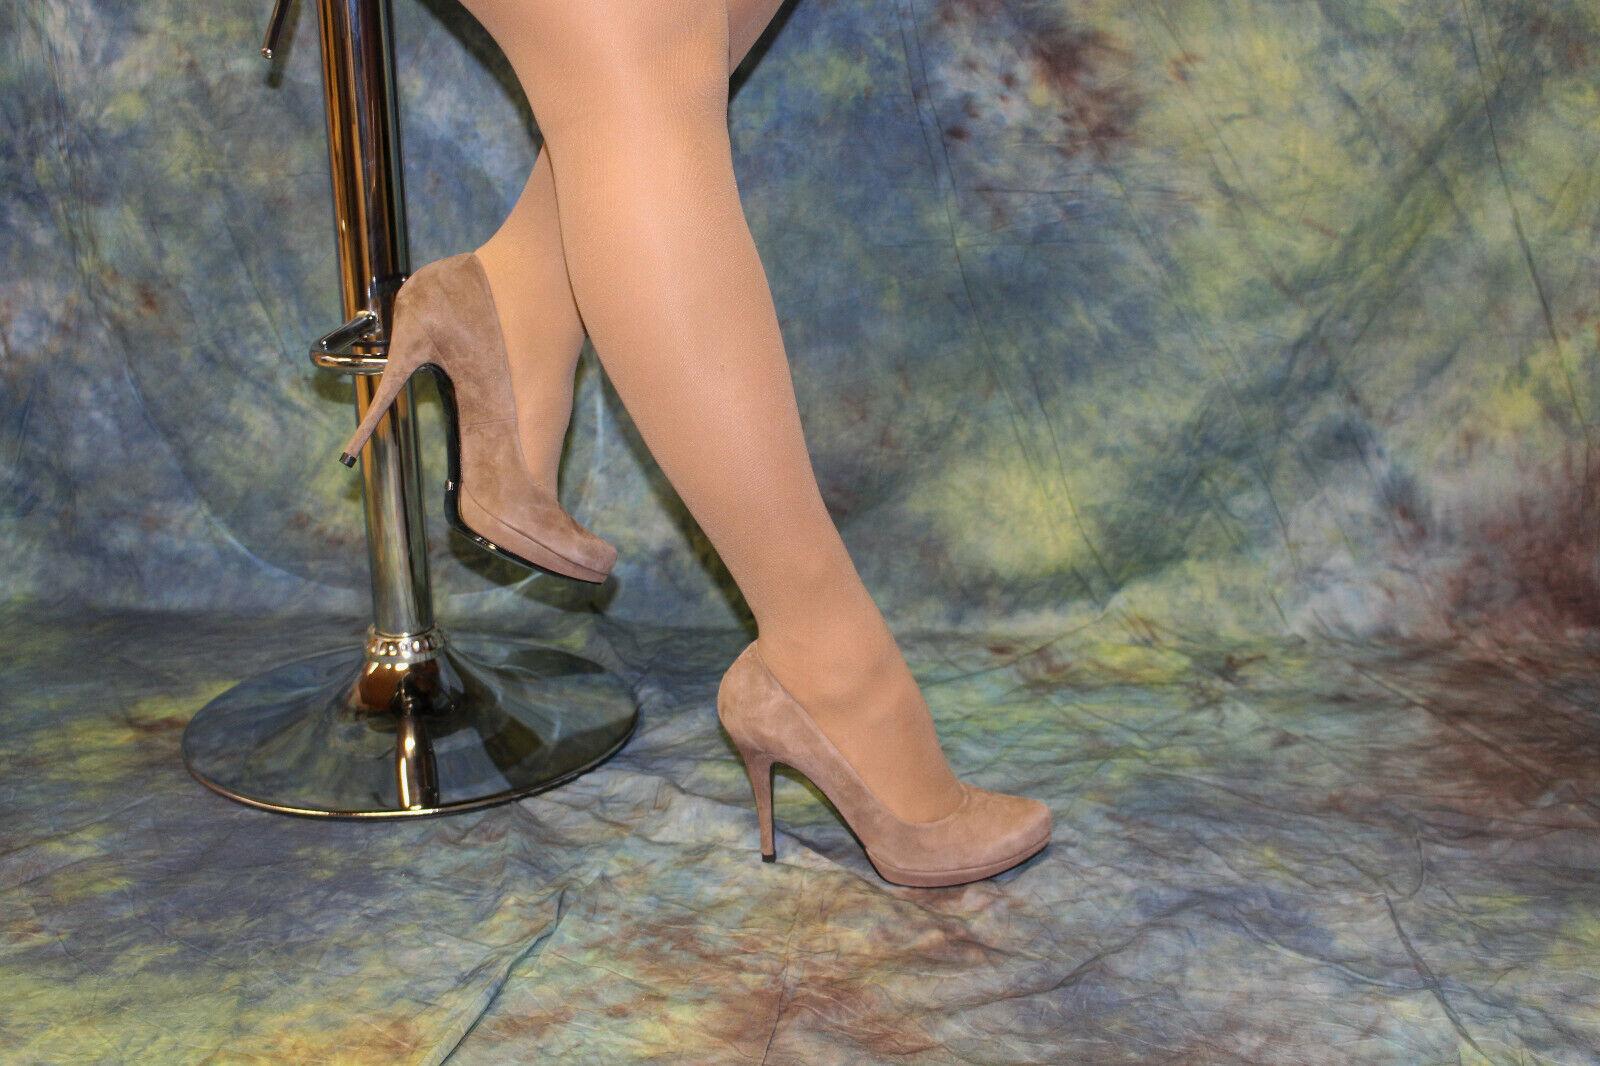 Buffalo castaño claro serraje-High-heels de pequeña plataforma plataforma plataforma talla 41  Nuevos productos de artículos novedosos.